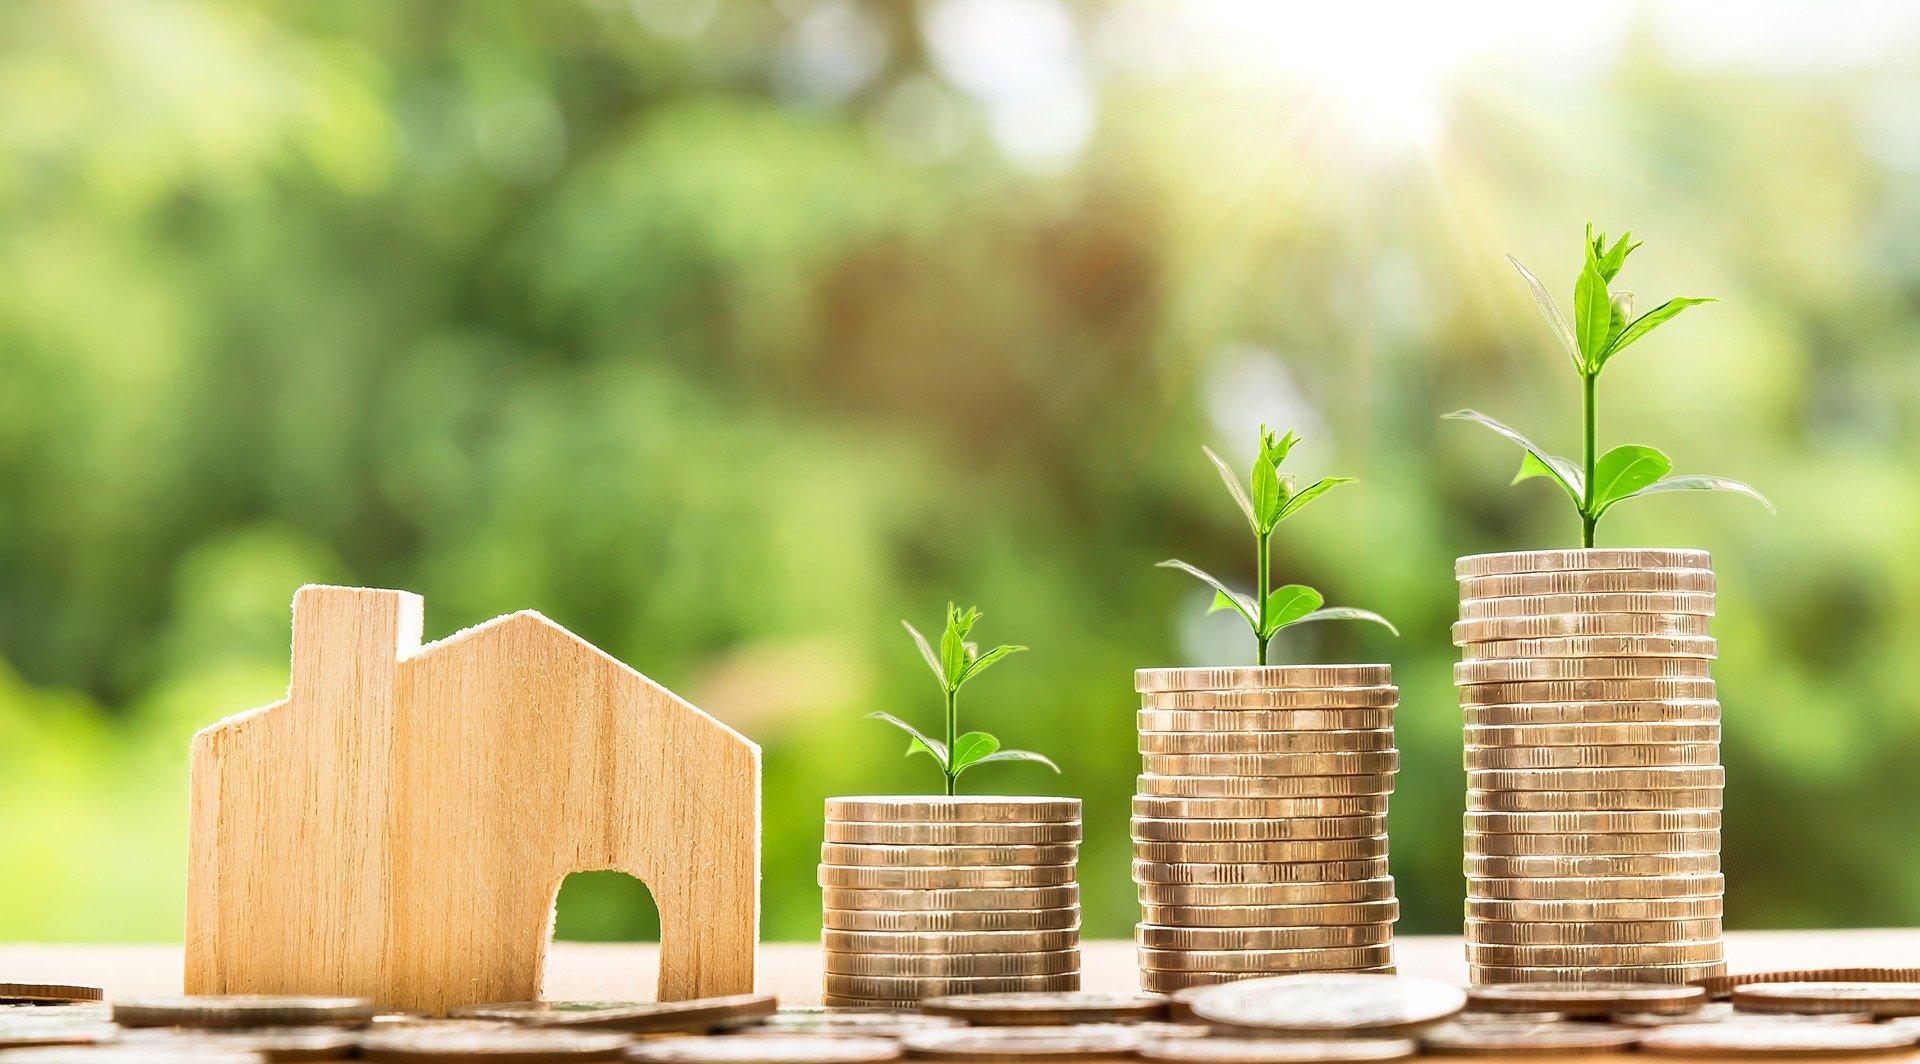 Spory spoluvlastníků a prodej nemovitosti s předkupním právem